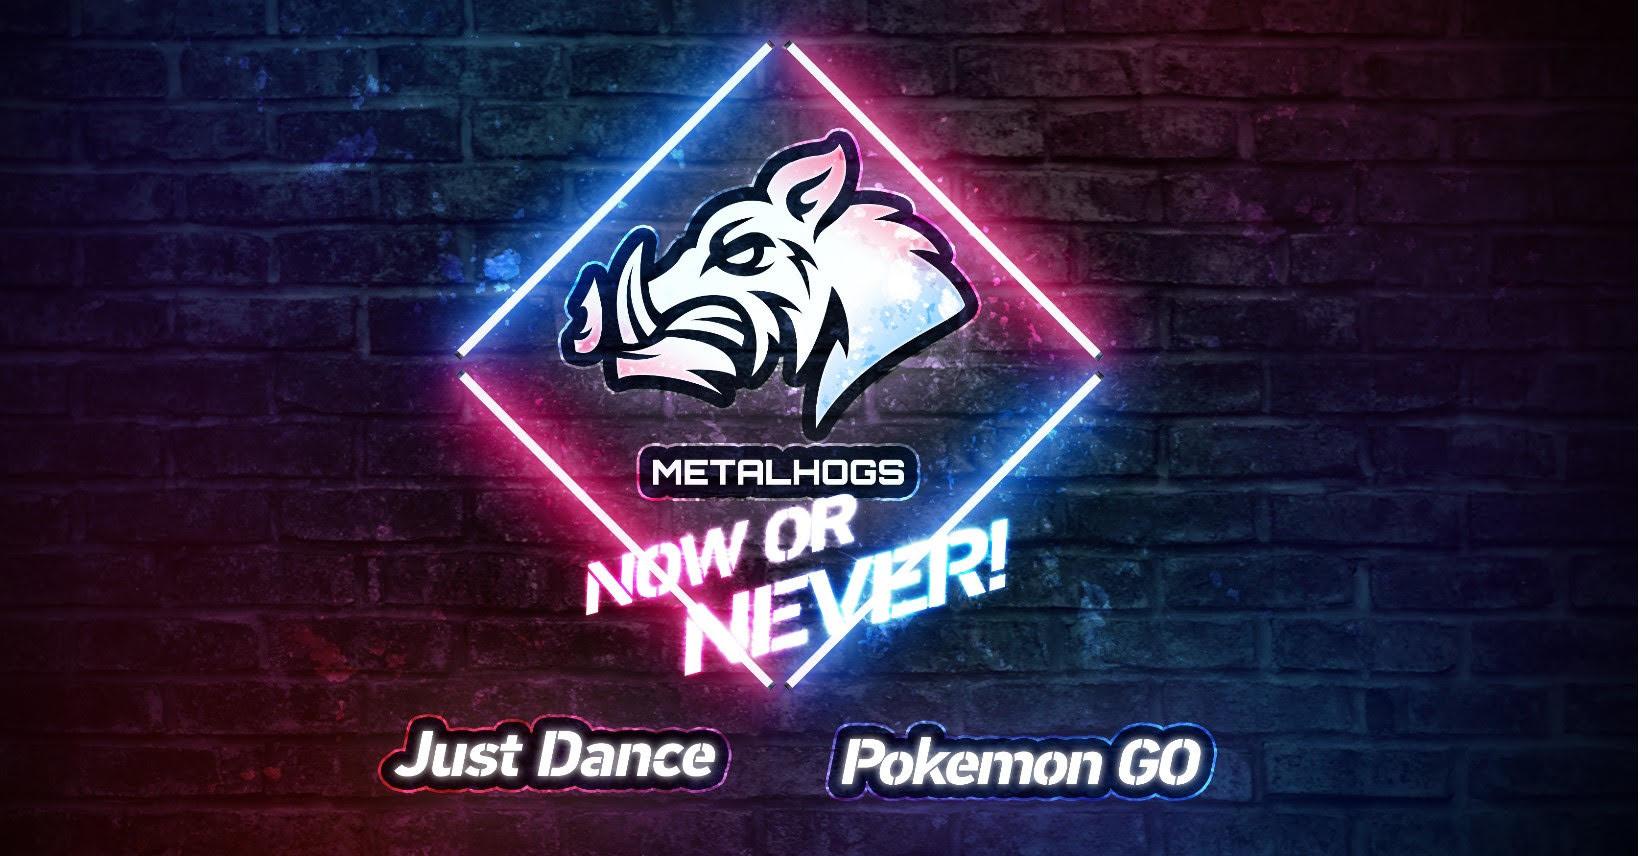 Pokémon GO, Neon sign, Video Games, Logo, Neon, Desktop Wallpaper, Purple, Computer, Pokémon, Just Dance, neon, Logo, Font, Neon, Graphics, Graphic design, Neon sign, Electric blue, Emblem, Signage, Brand